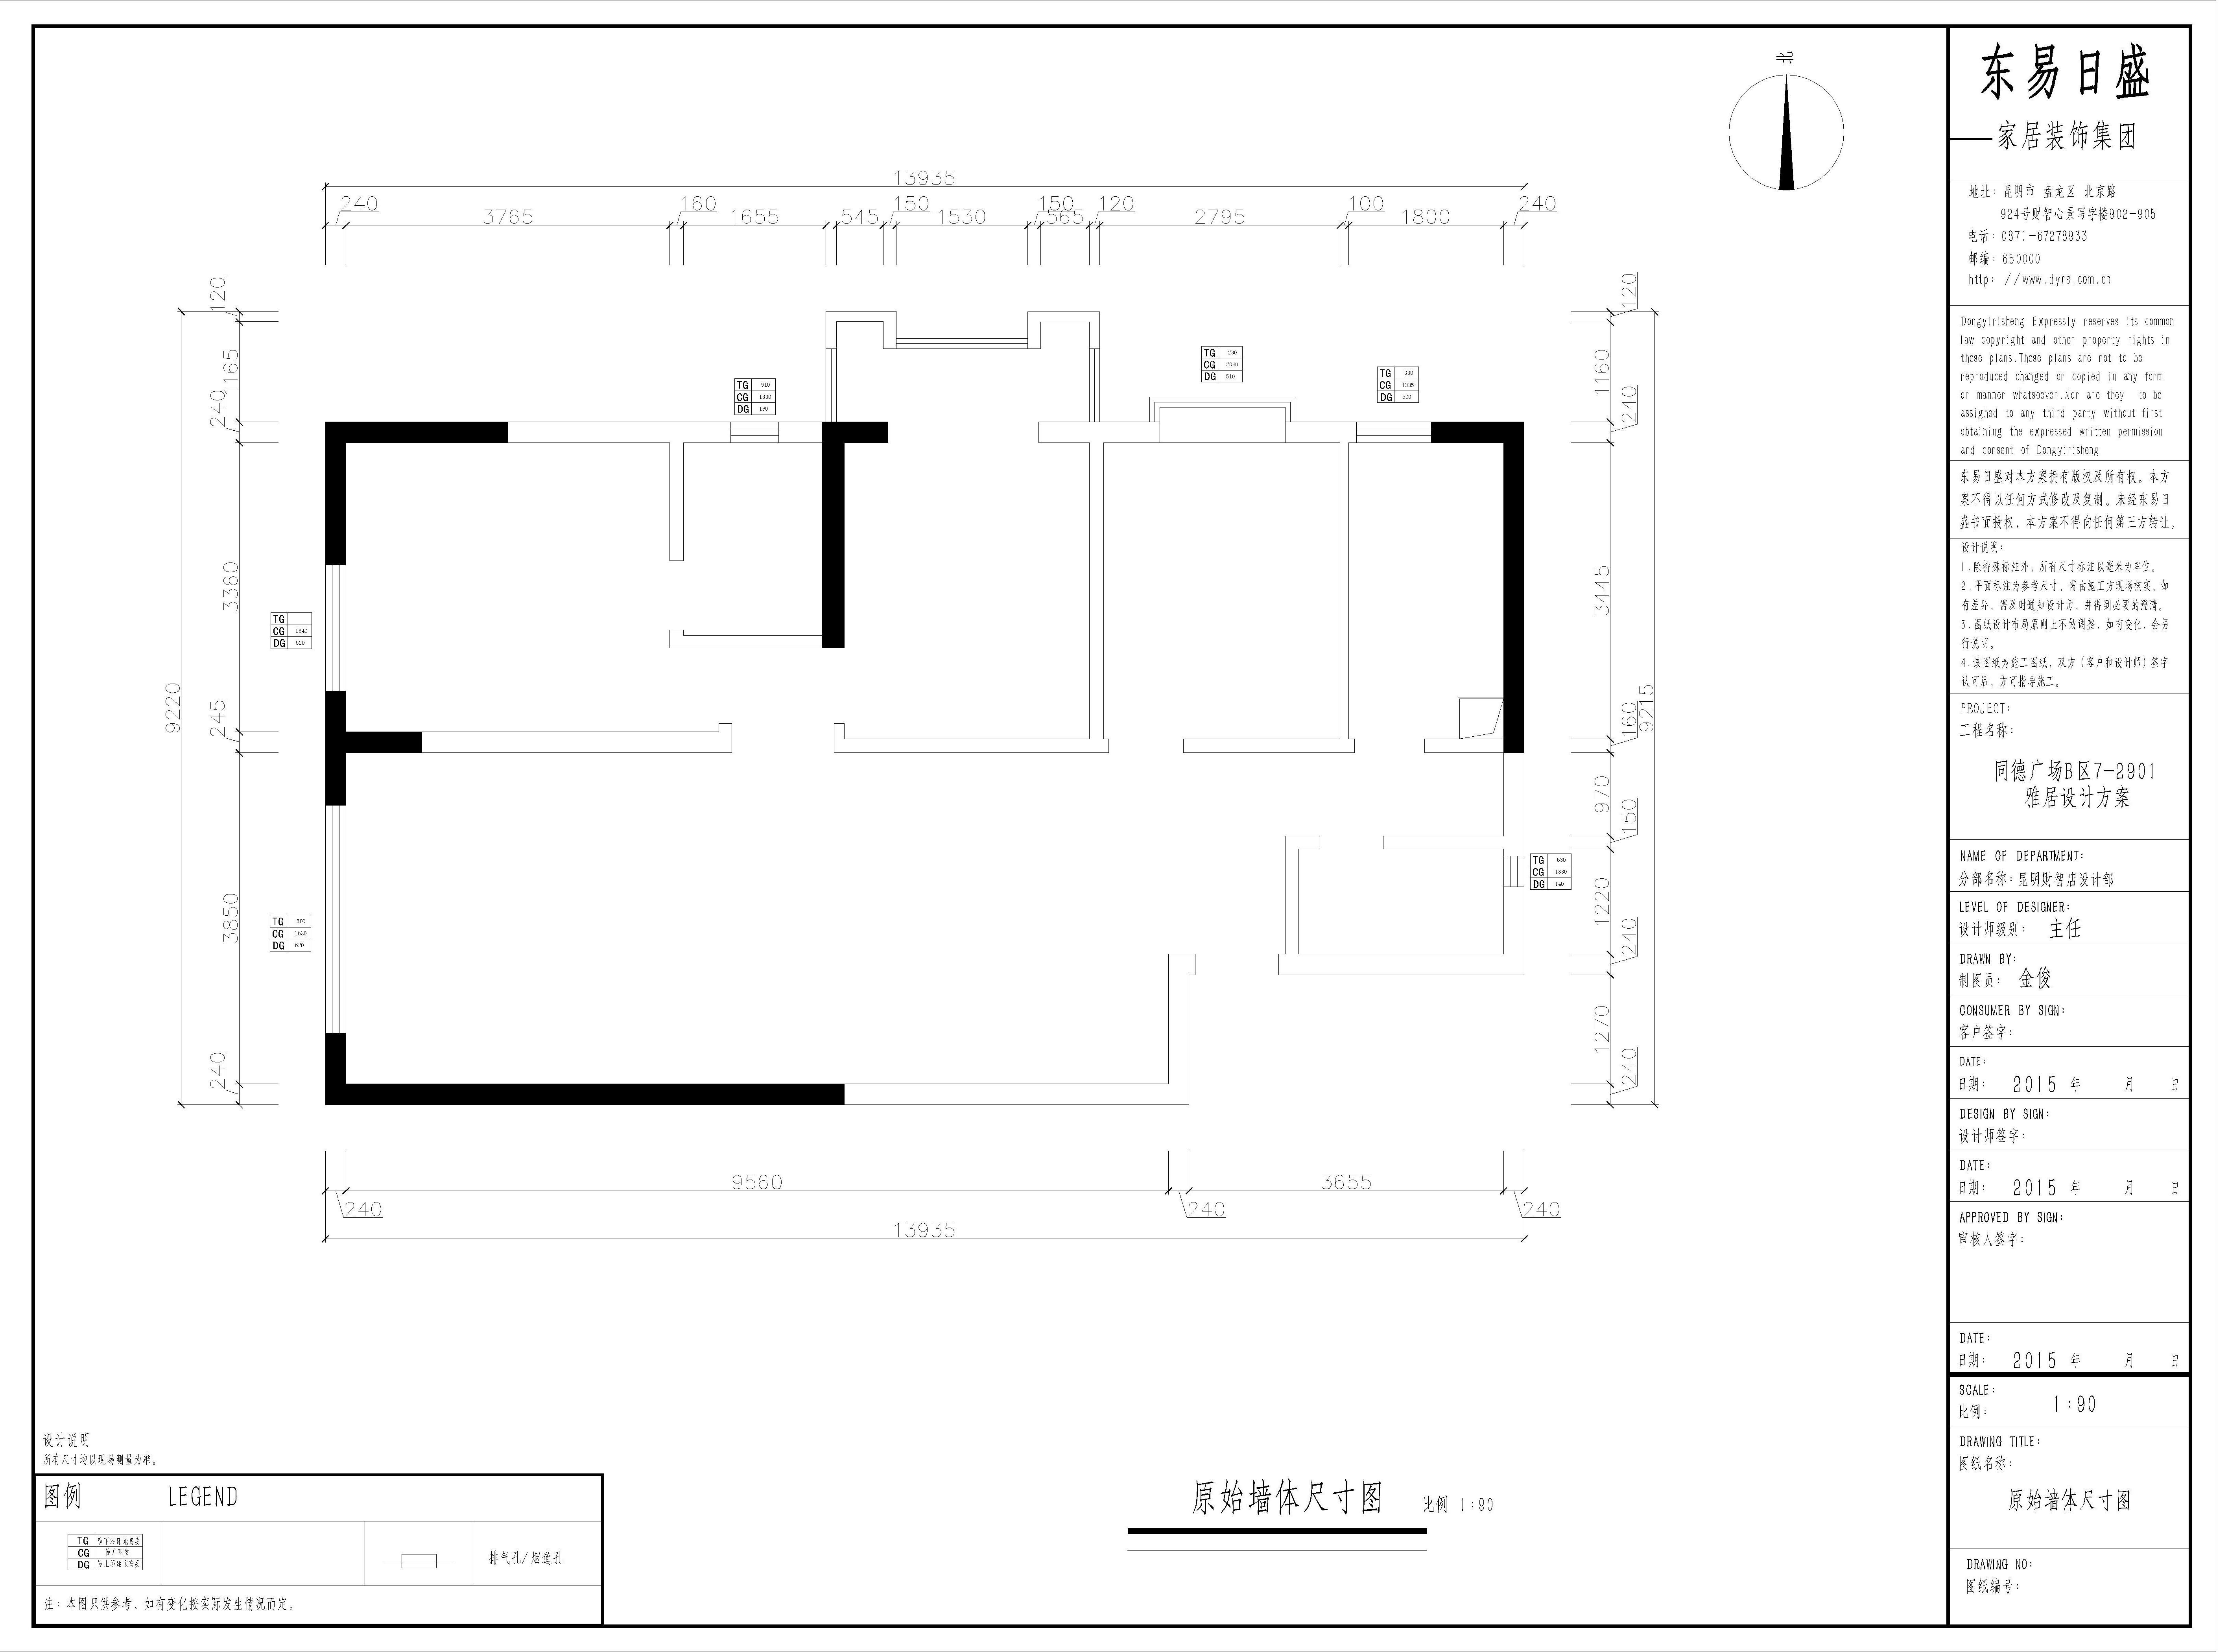 昆明香水小镇85平米三居室地中海风格装修效果图装修设计理念